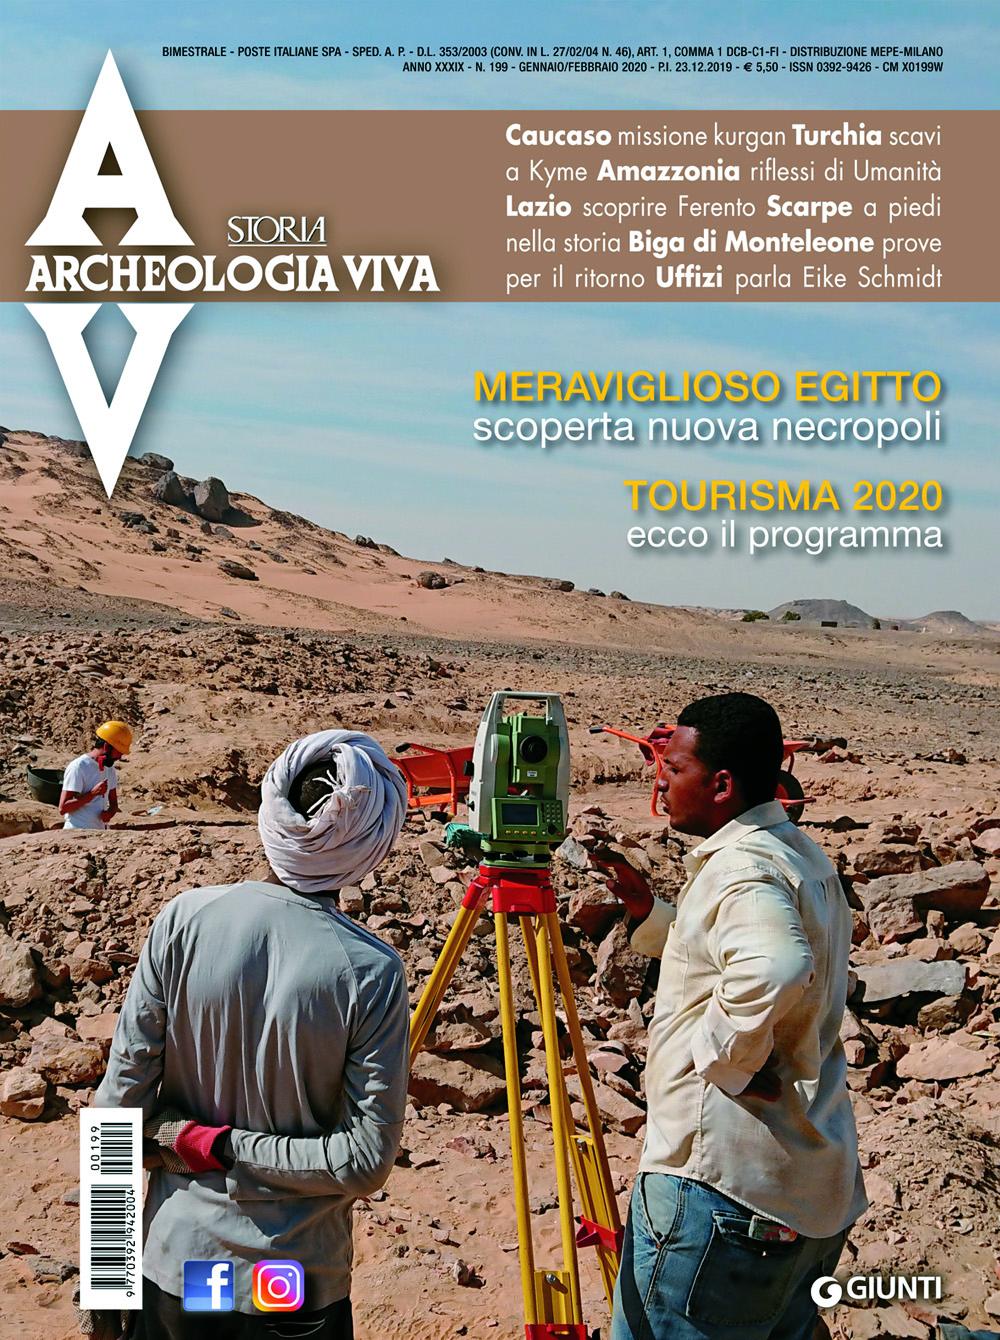 Archeologia Viva n. 199 - gennaio/febbraio 2020